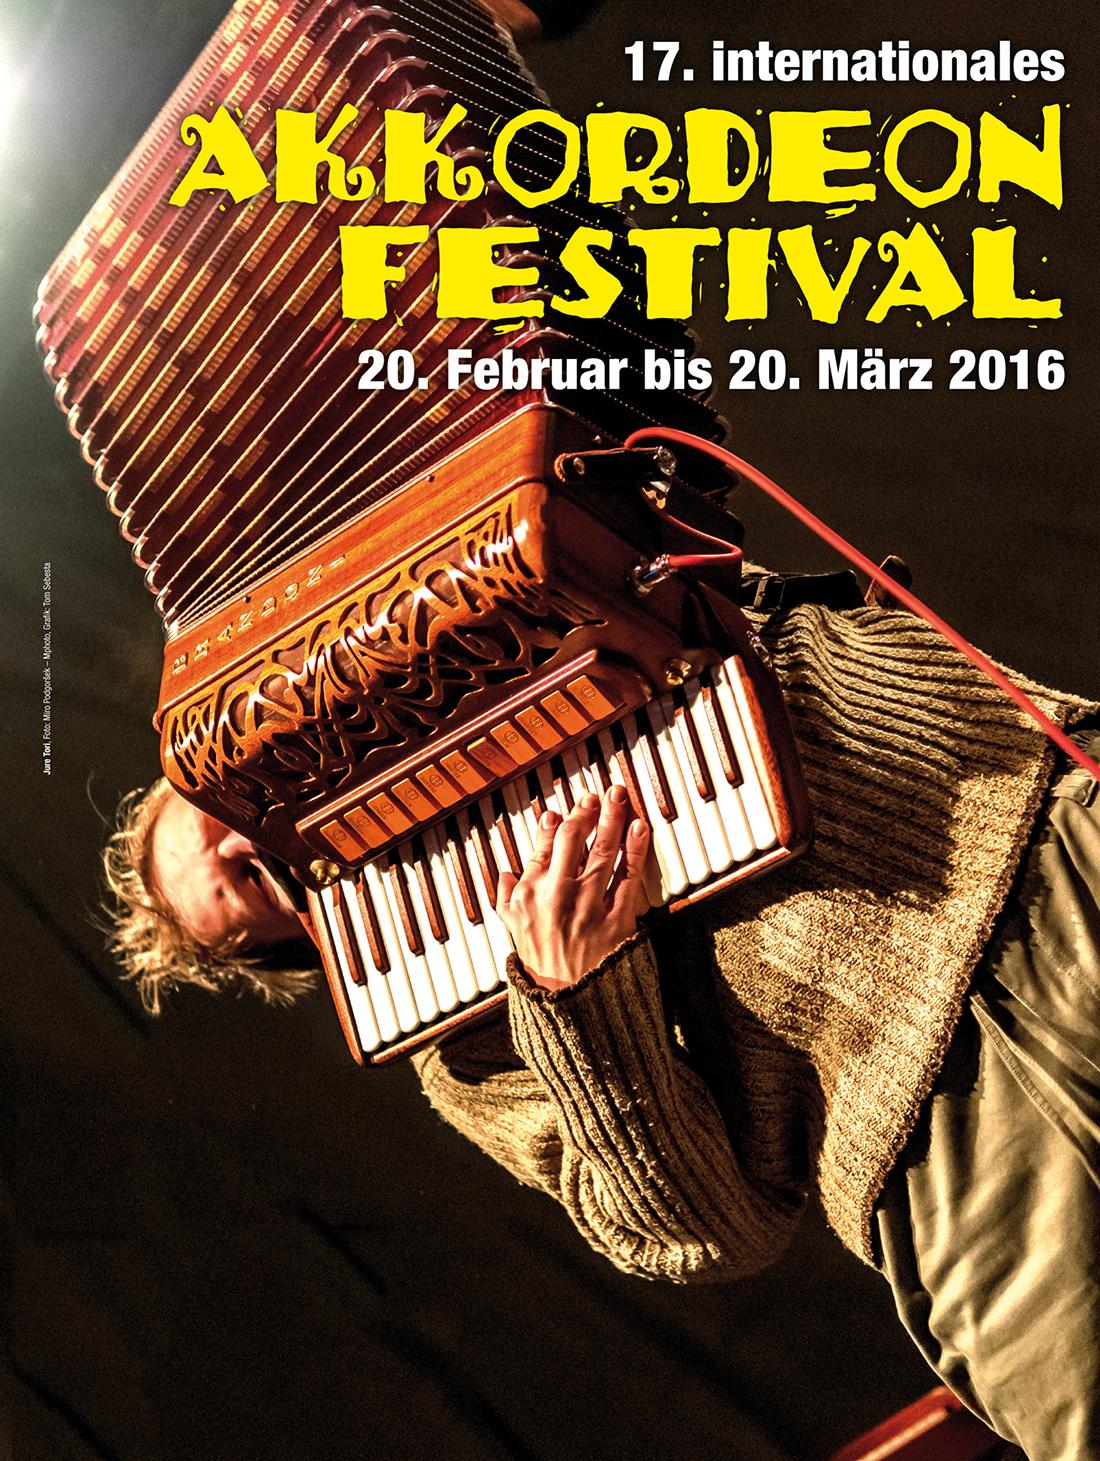 17. Internationales Akkordeon Festival 2016 in Wien